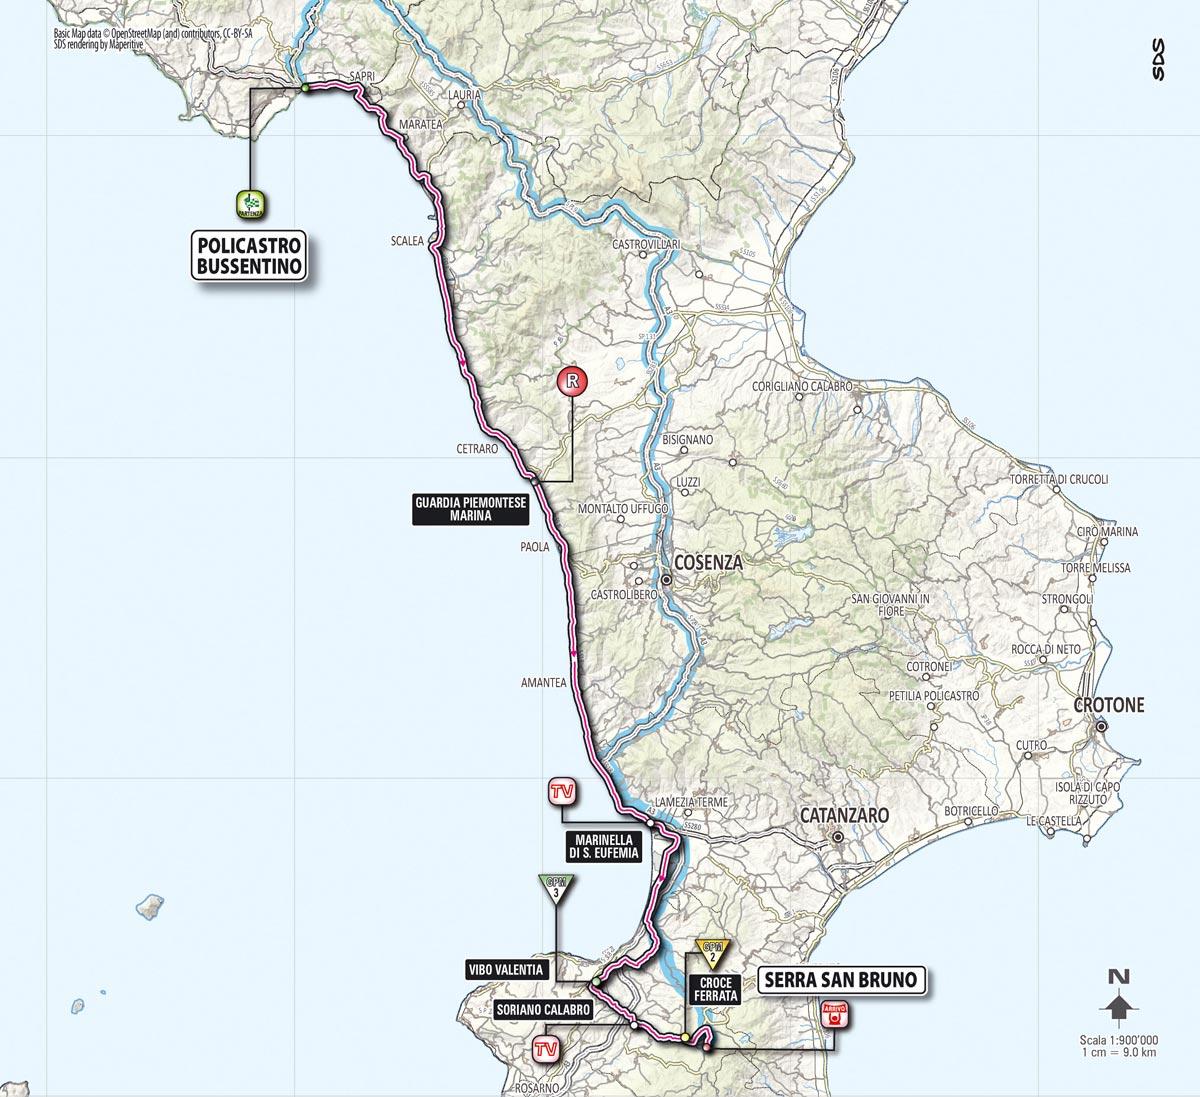 Percorso tappa 04 giro d 39 italia 2013 gazzetta dello sport for Planimetrie della serra